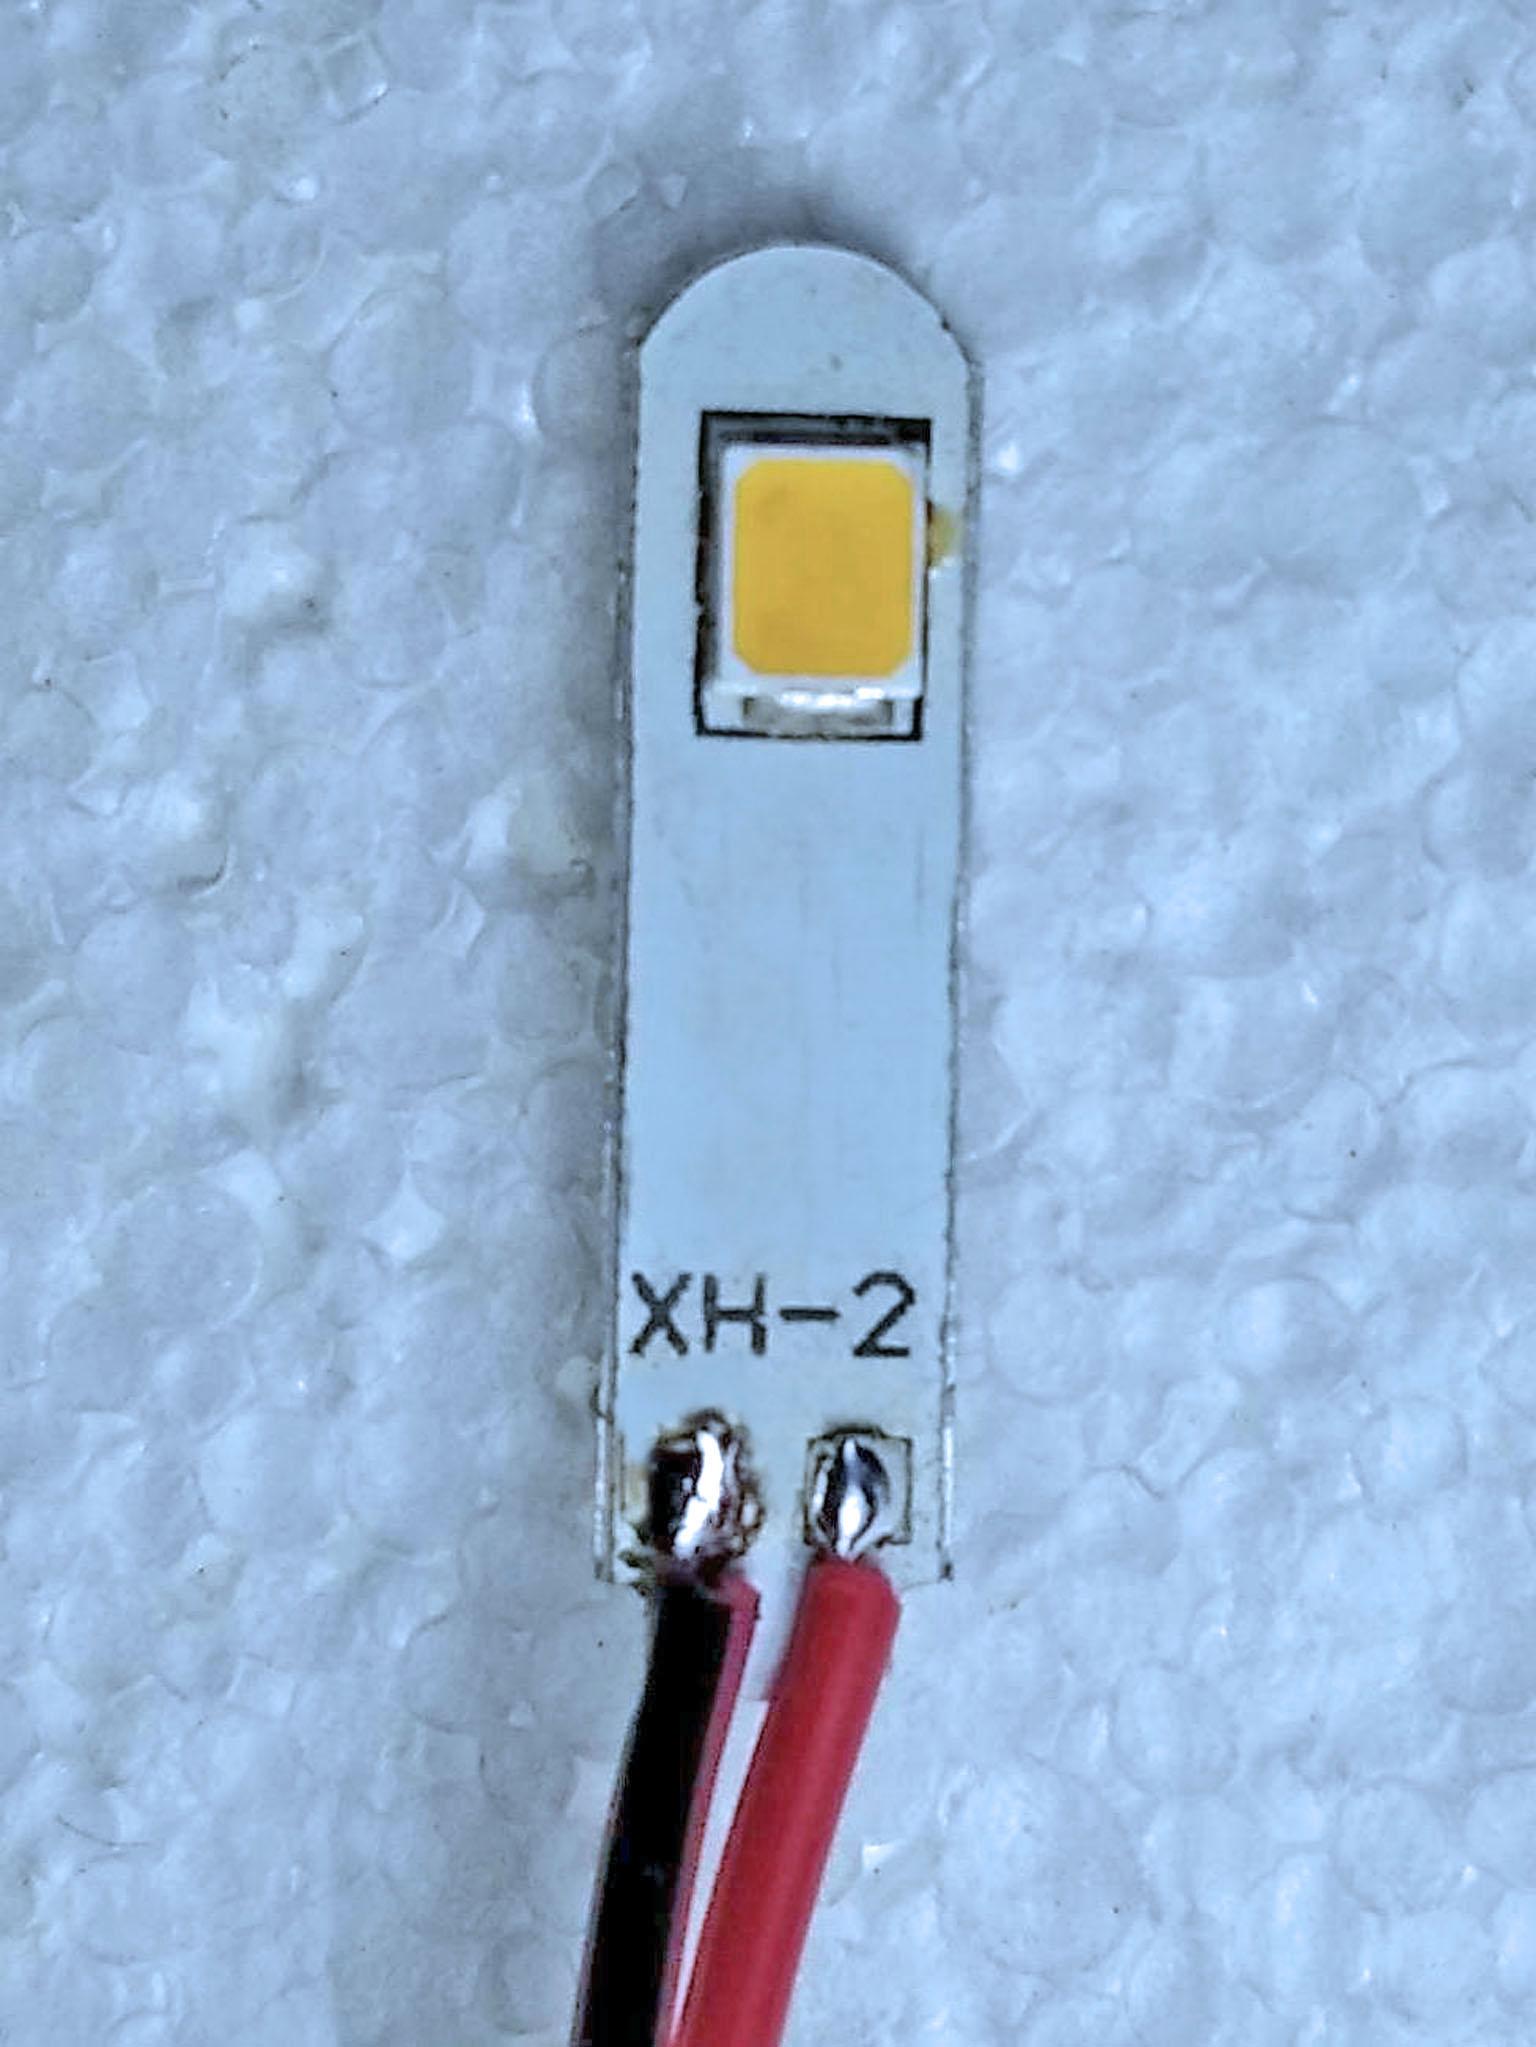 светодиод с проводами. красный - плюс, черный - минус